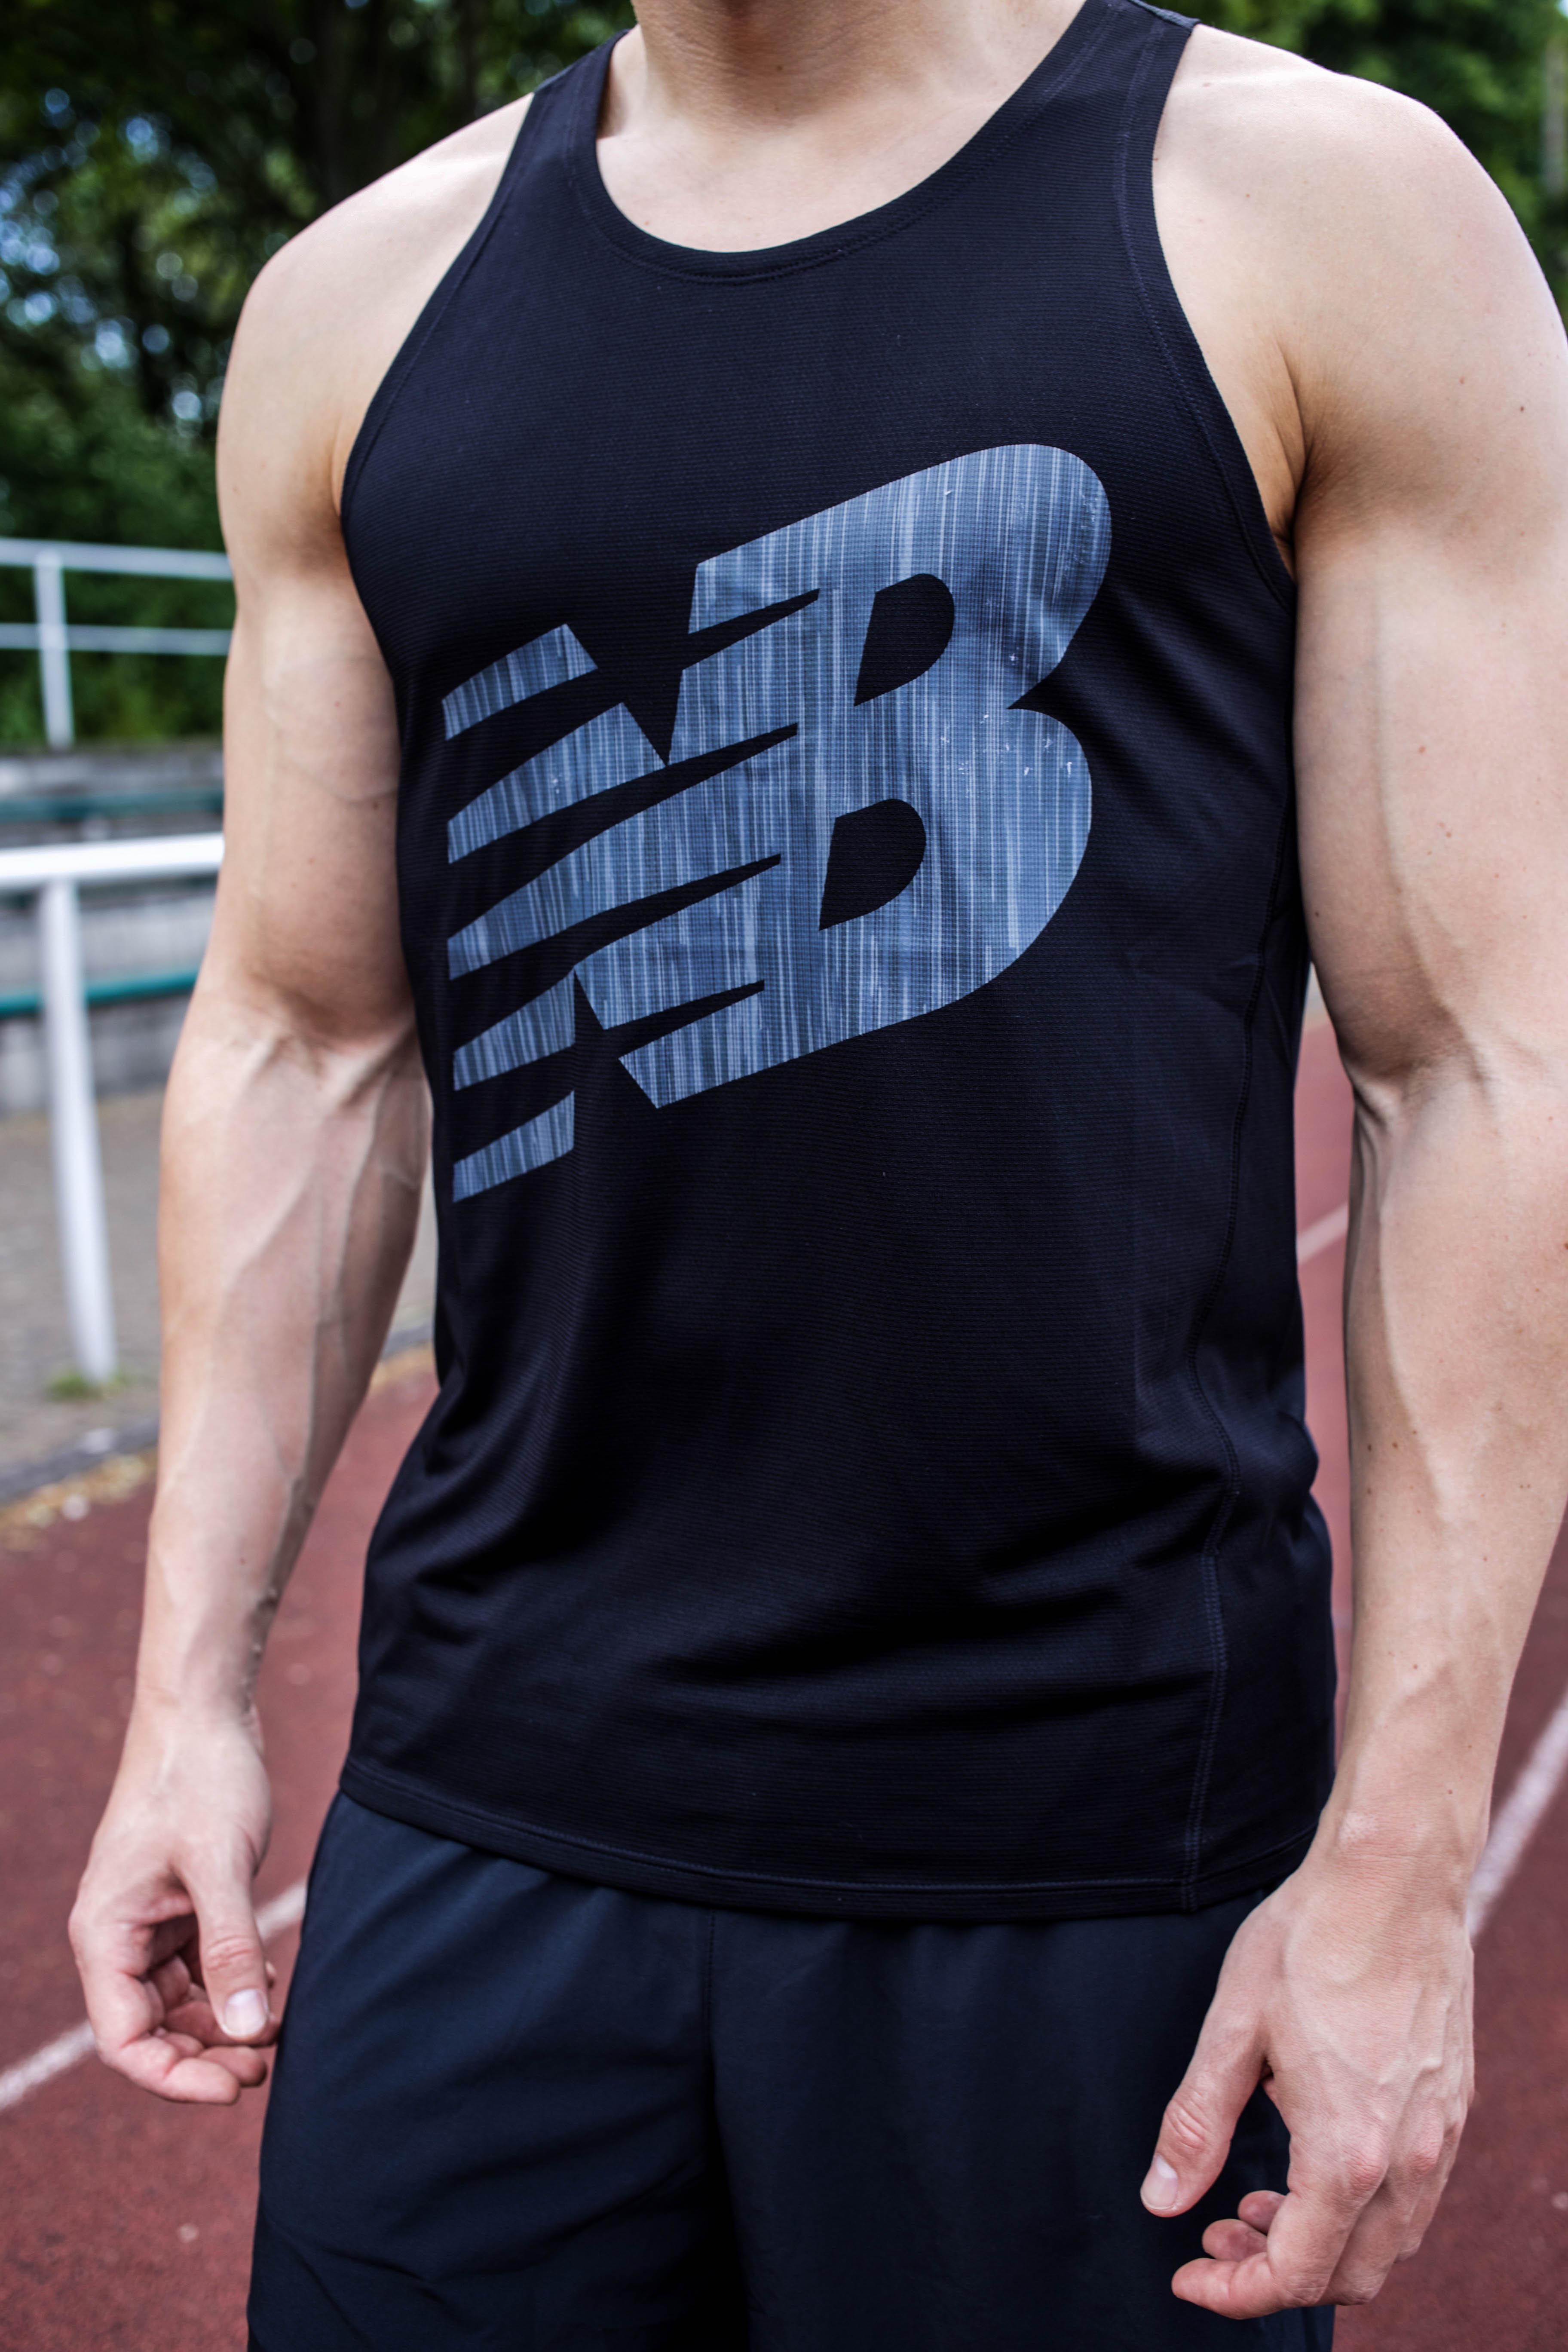 hiit-training-trainingsplan-hochintensives-intervalltraining-vorteile-fitness-sport-ausdauer-abnehmen_6063